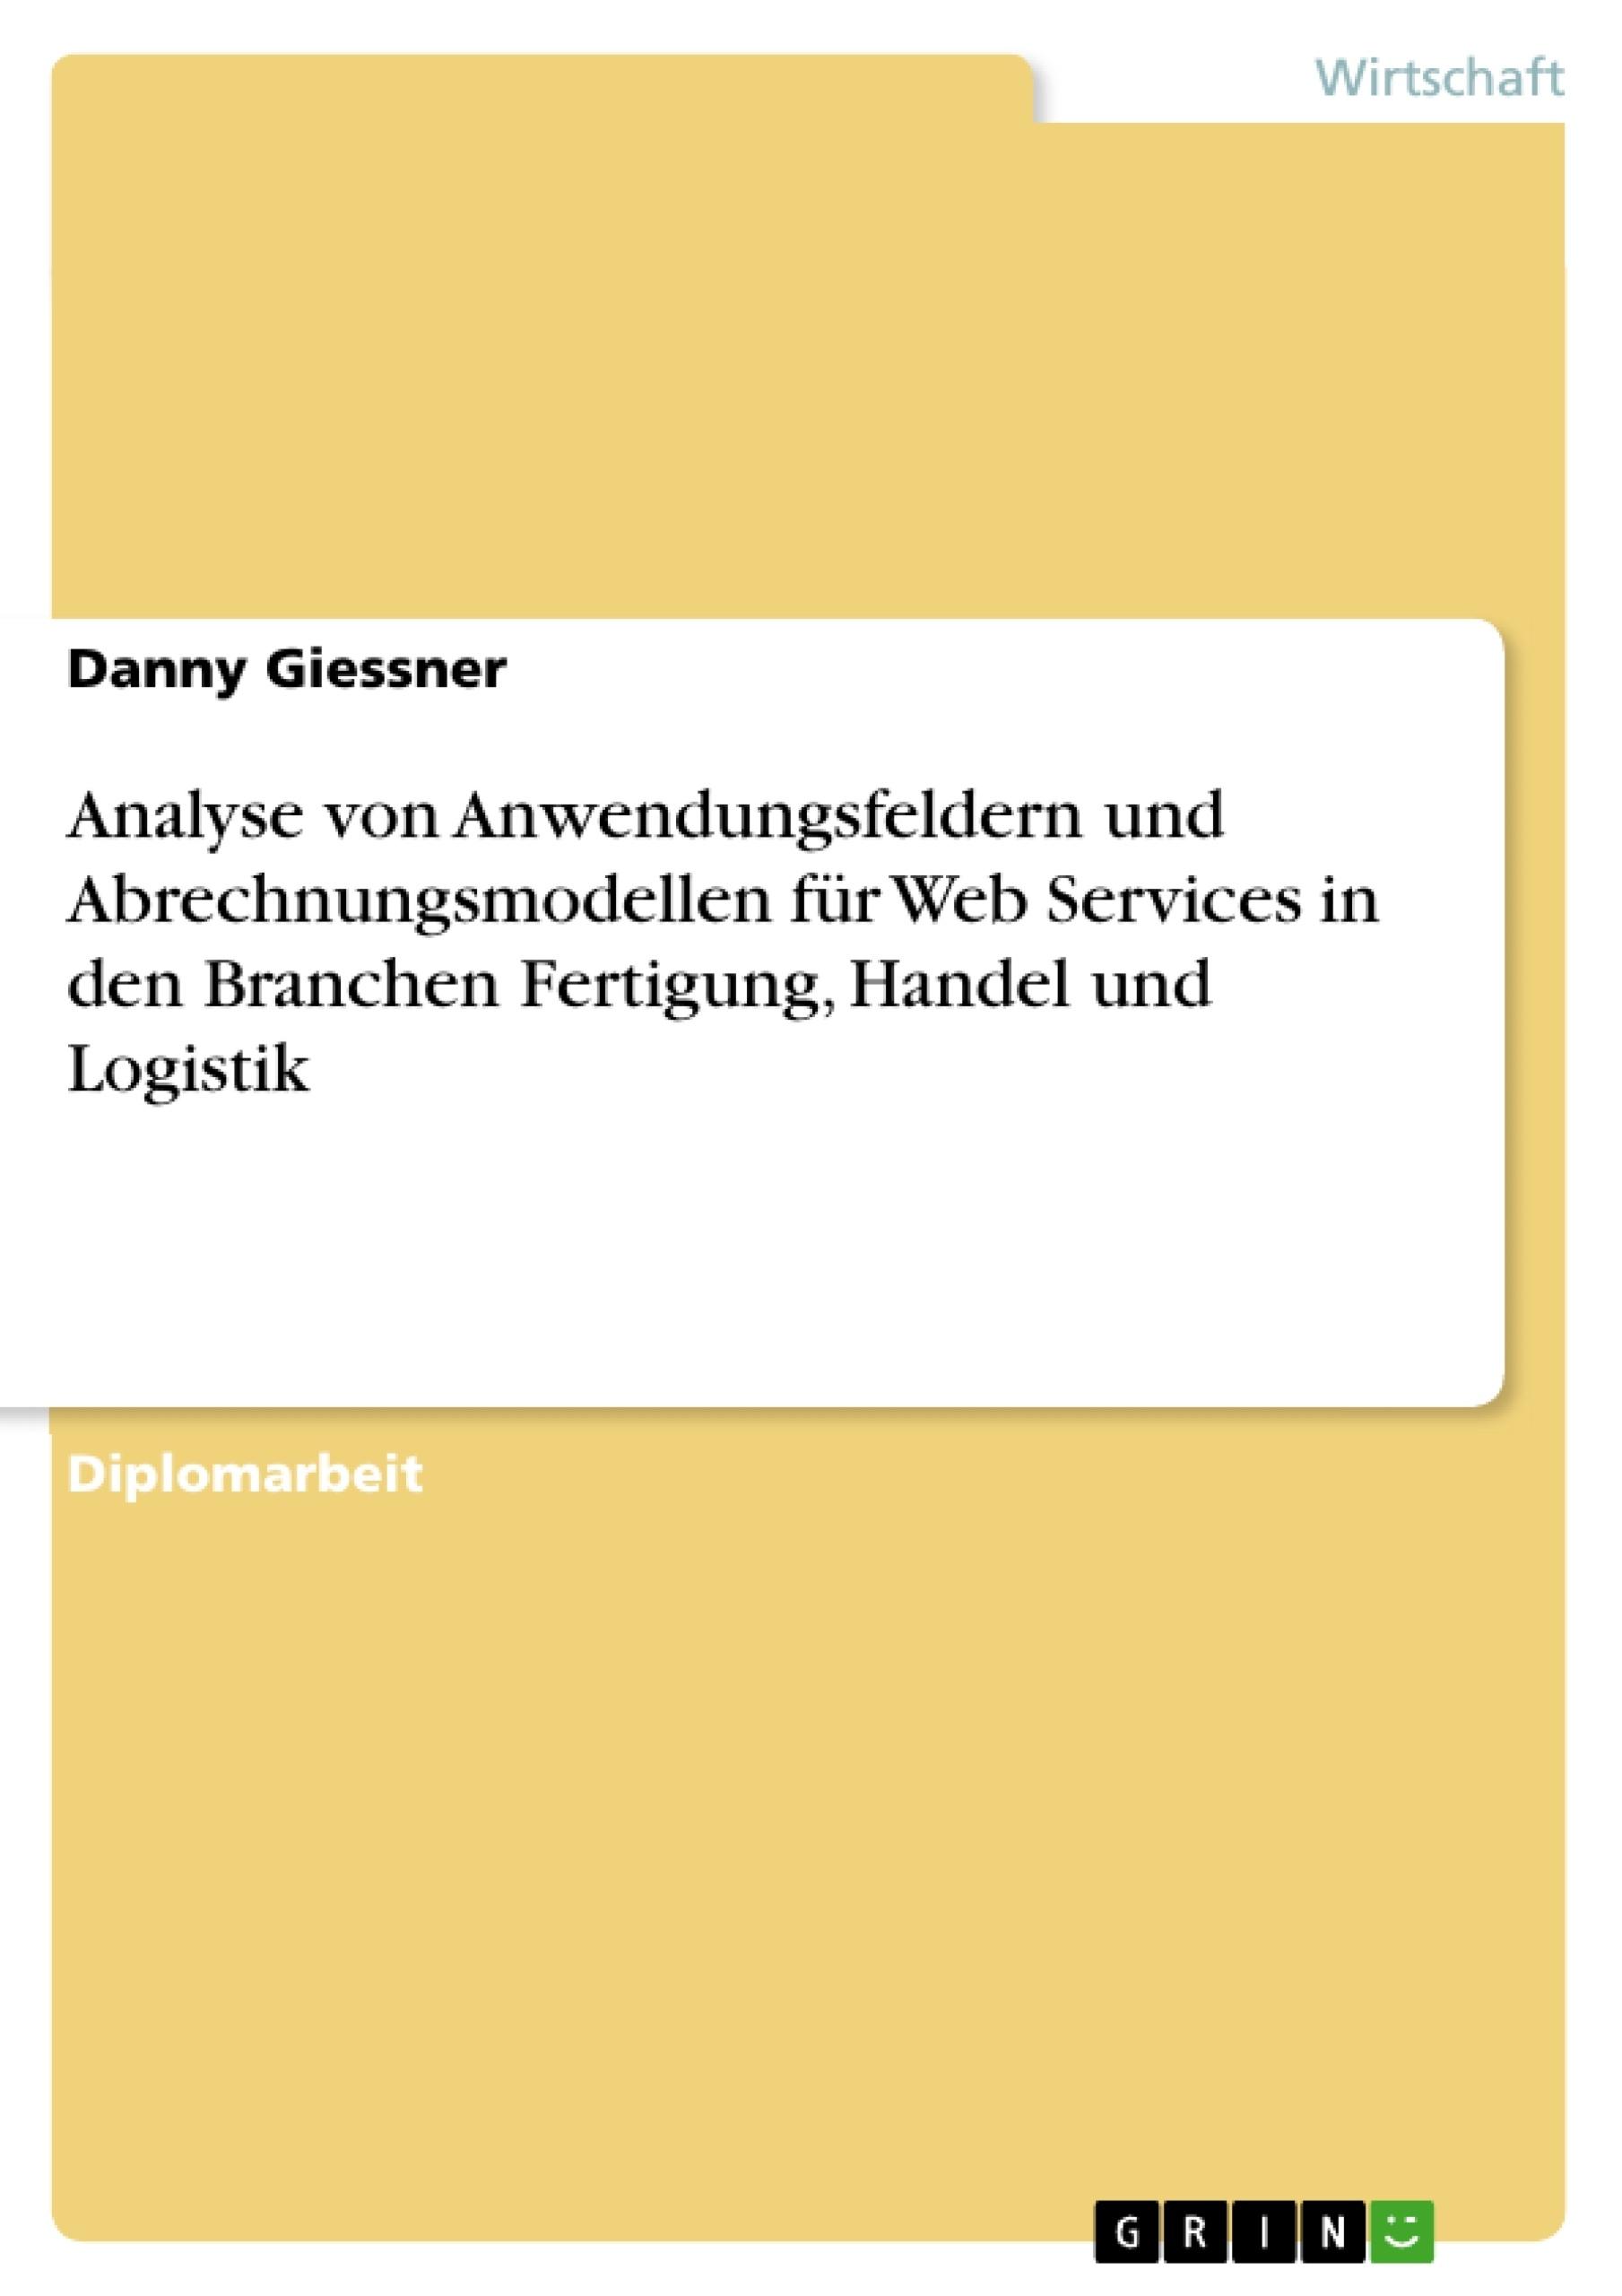 Titel: Analyse von Anwendungsfeldern und Abrechnungsmodellen für Web Services in den Branchen Fertigung, Handel und Logistik